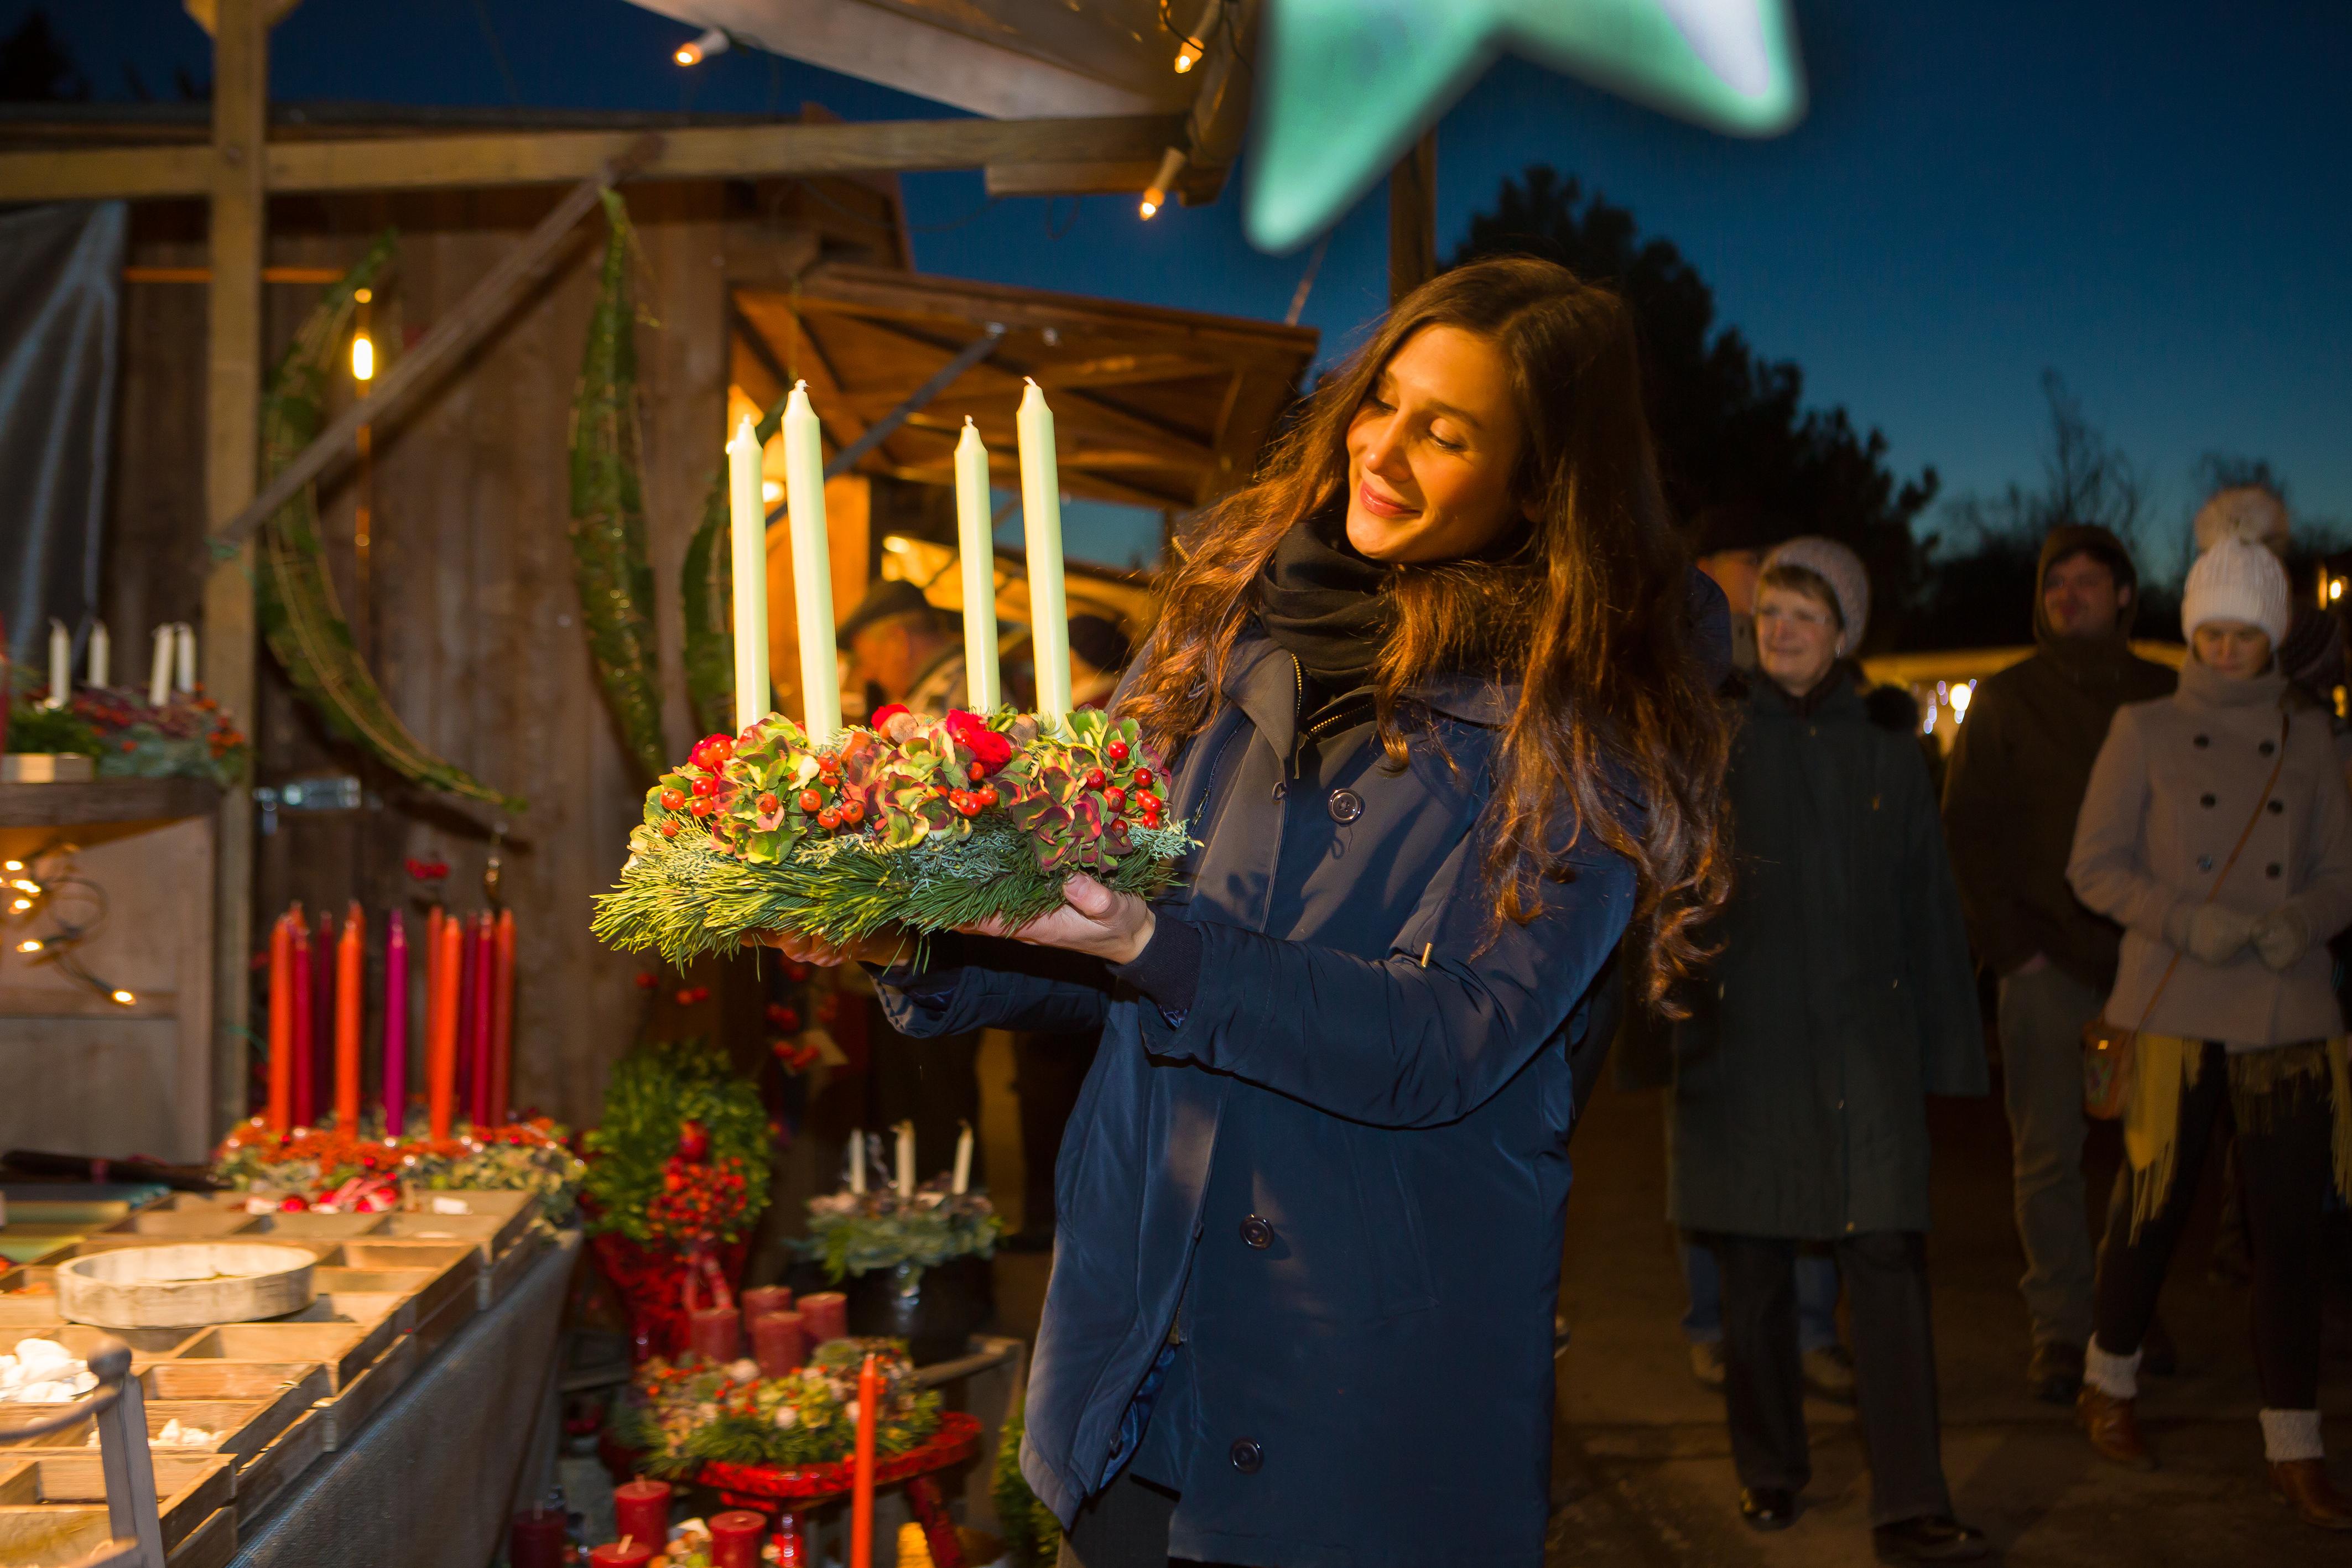 Adventskränze beim Weihnachtsmarkt in den Späth'schen Baumschulen